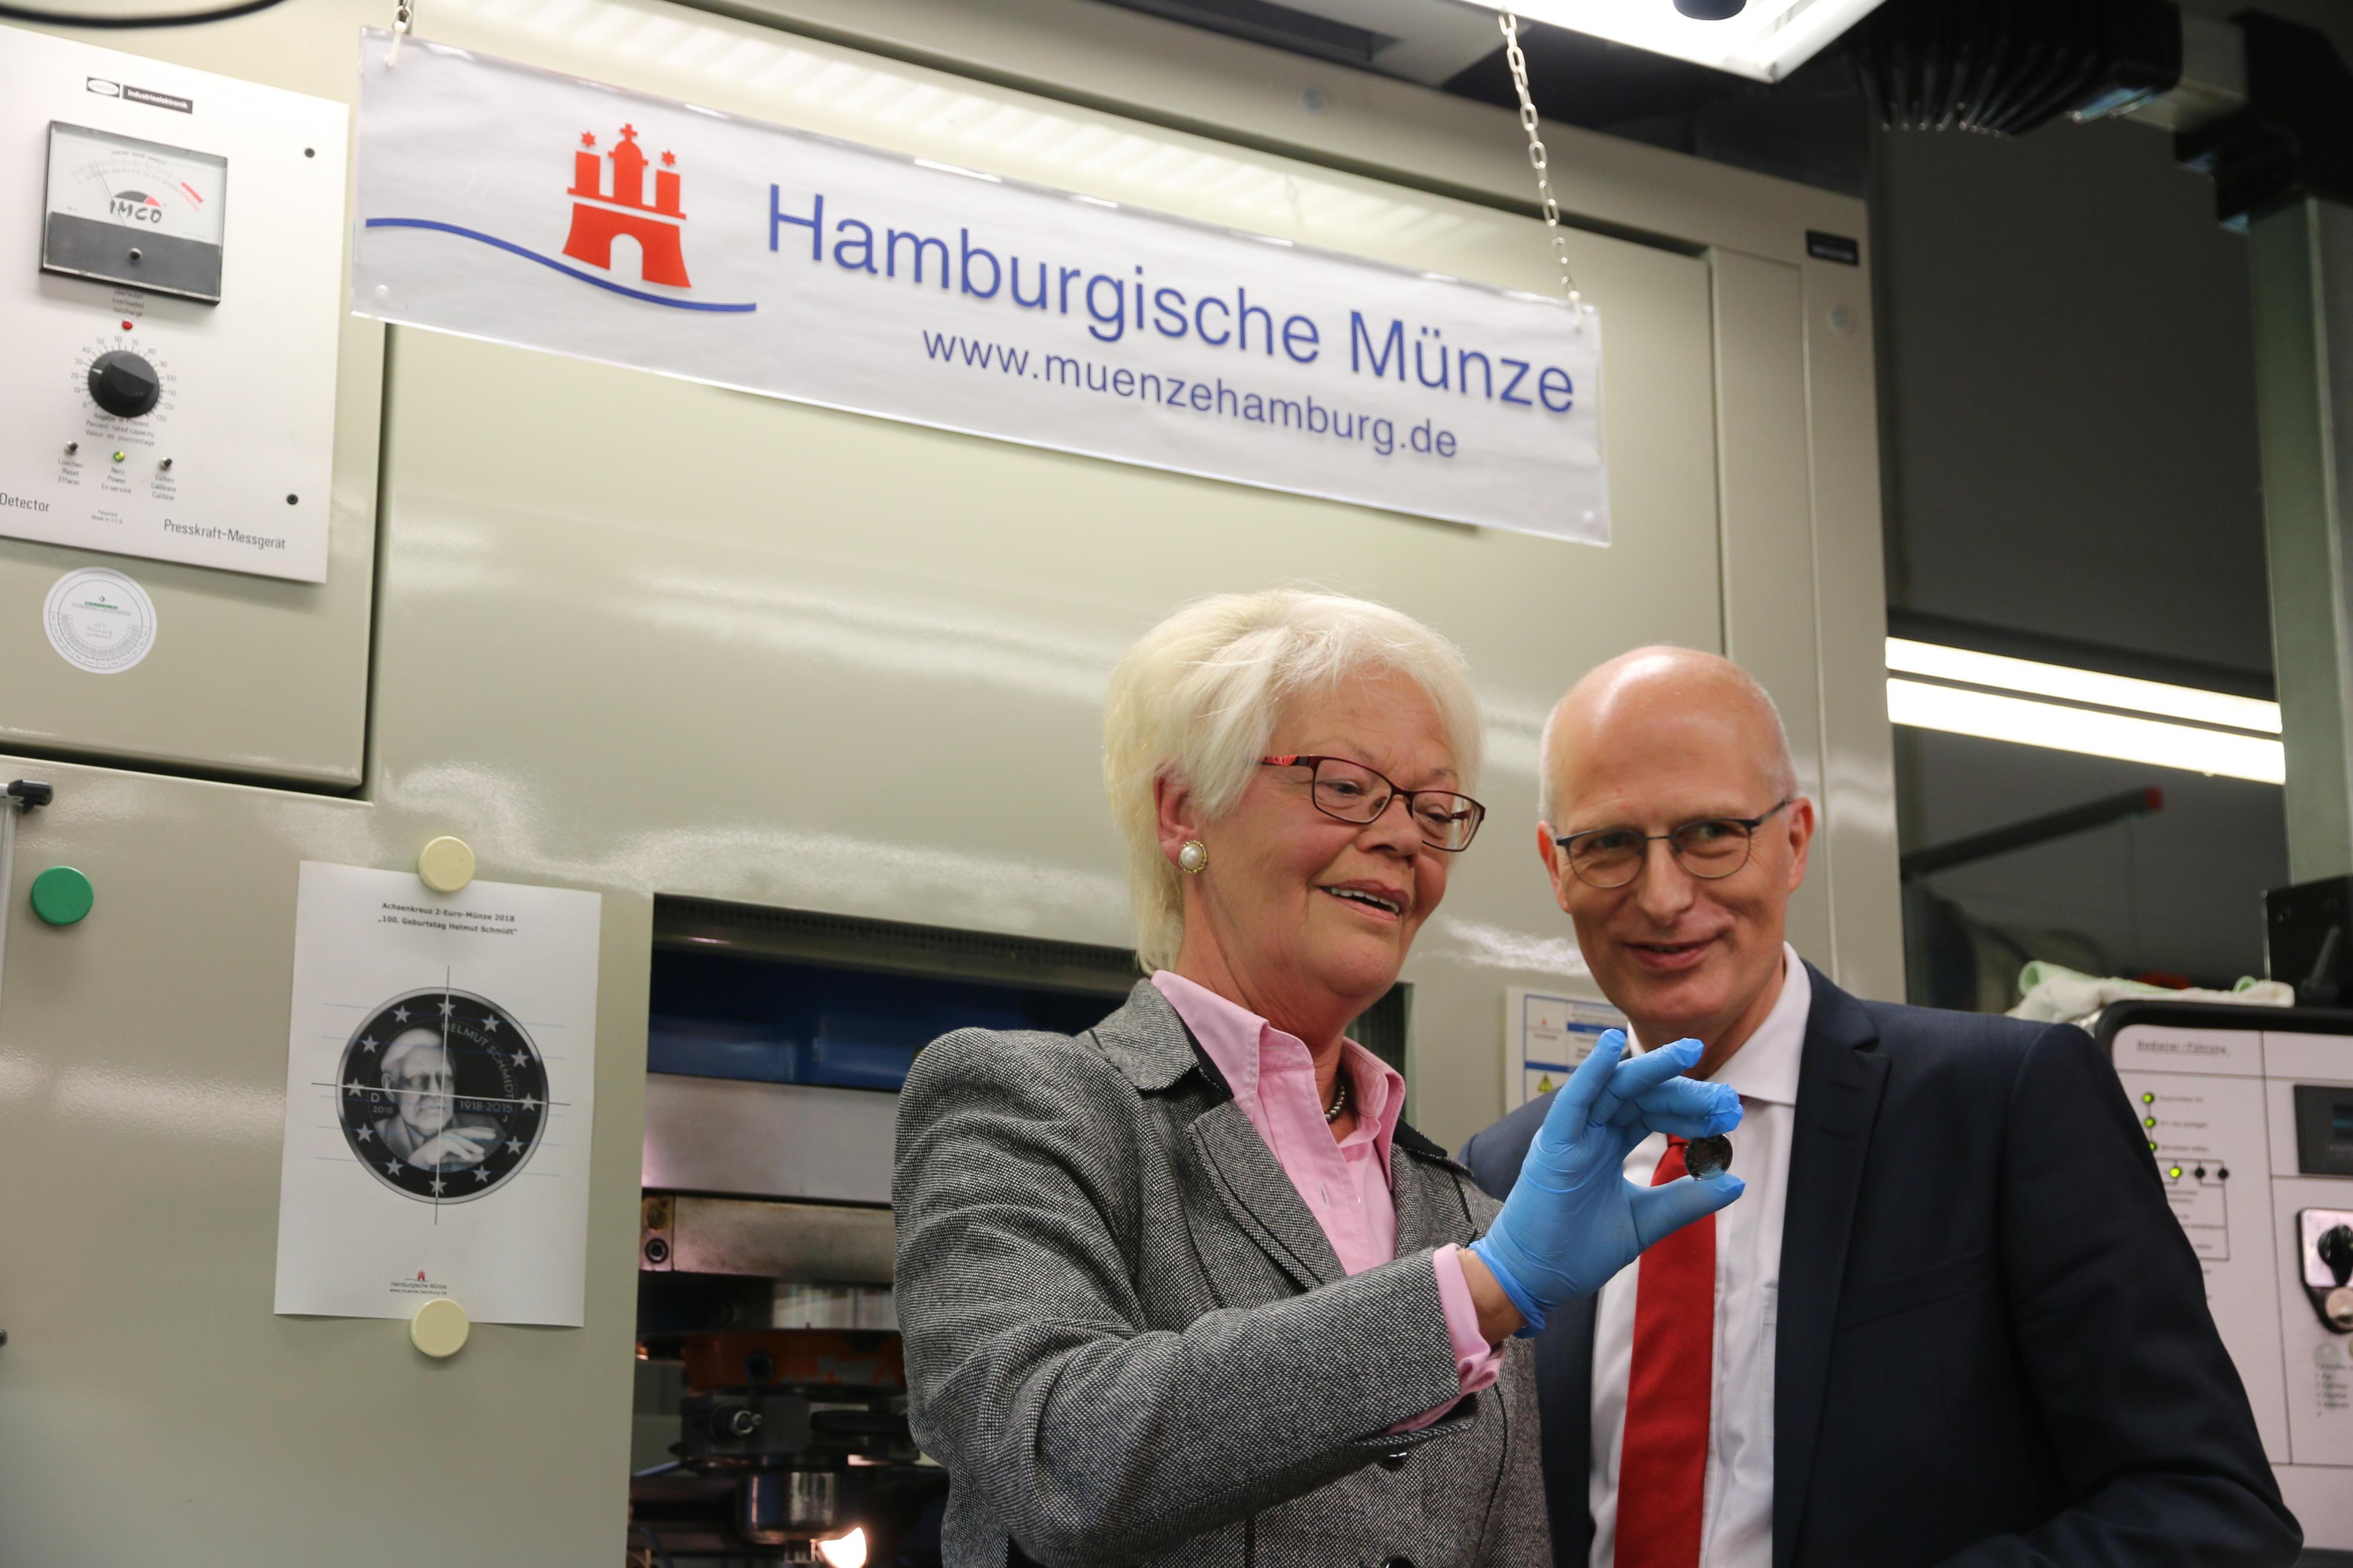 Zwei Euro Gedenkmünze Zu Helmut Schmidts 100 Geburtstag Hamburgde